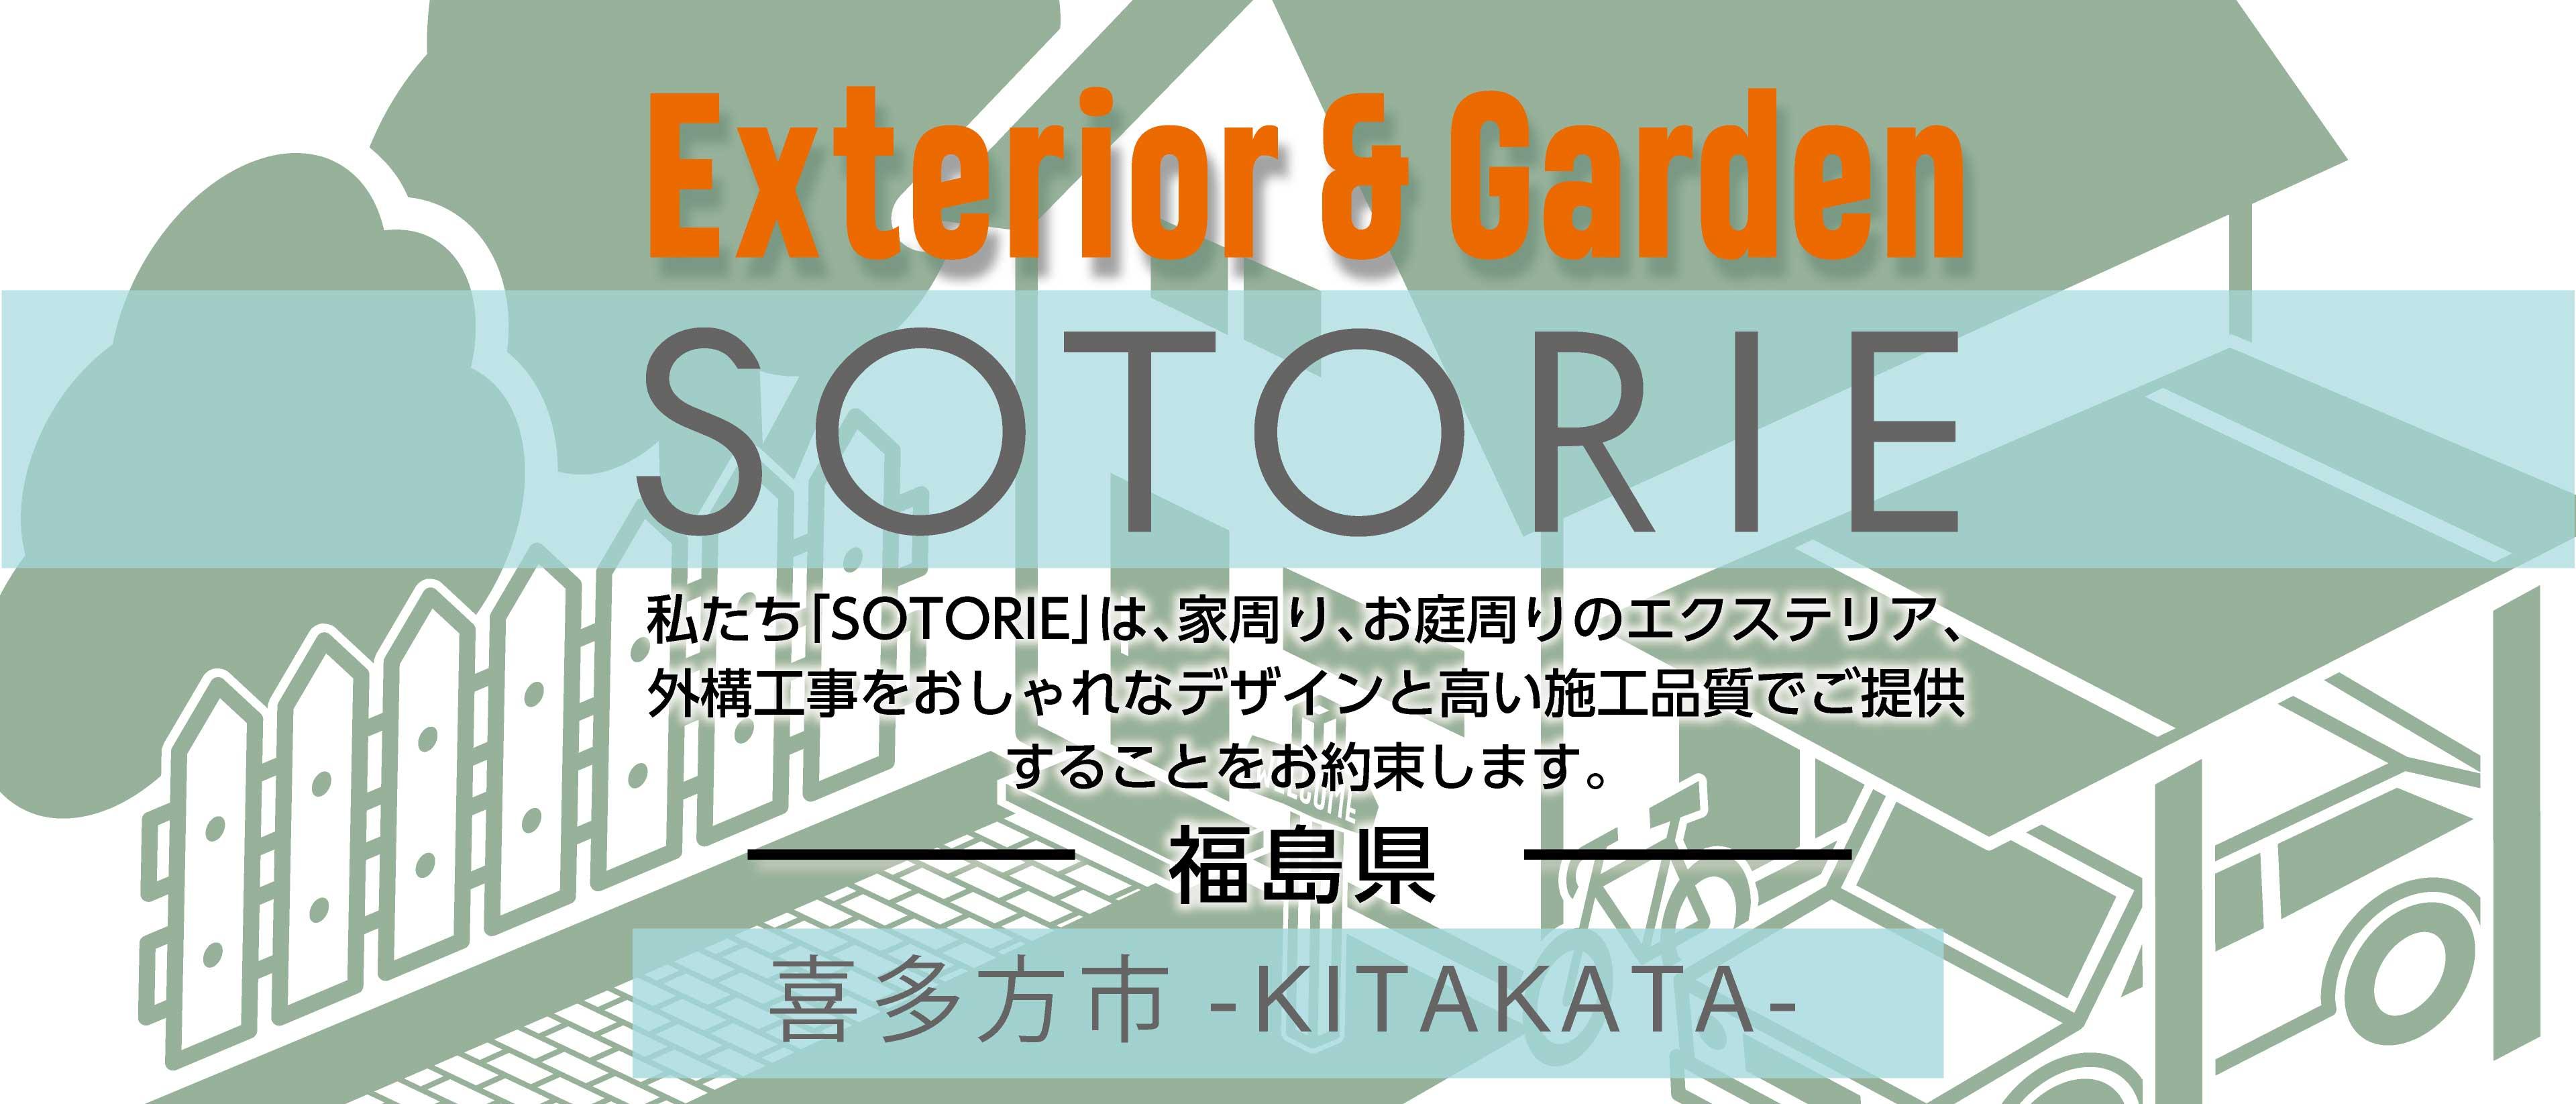 ソトリエ喜多方市では、家周りと庭周りの外構、エクステリア工事をおしゃれなデザインと高い施工品質でご提供することをお約束します。